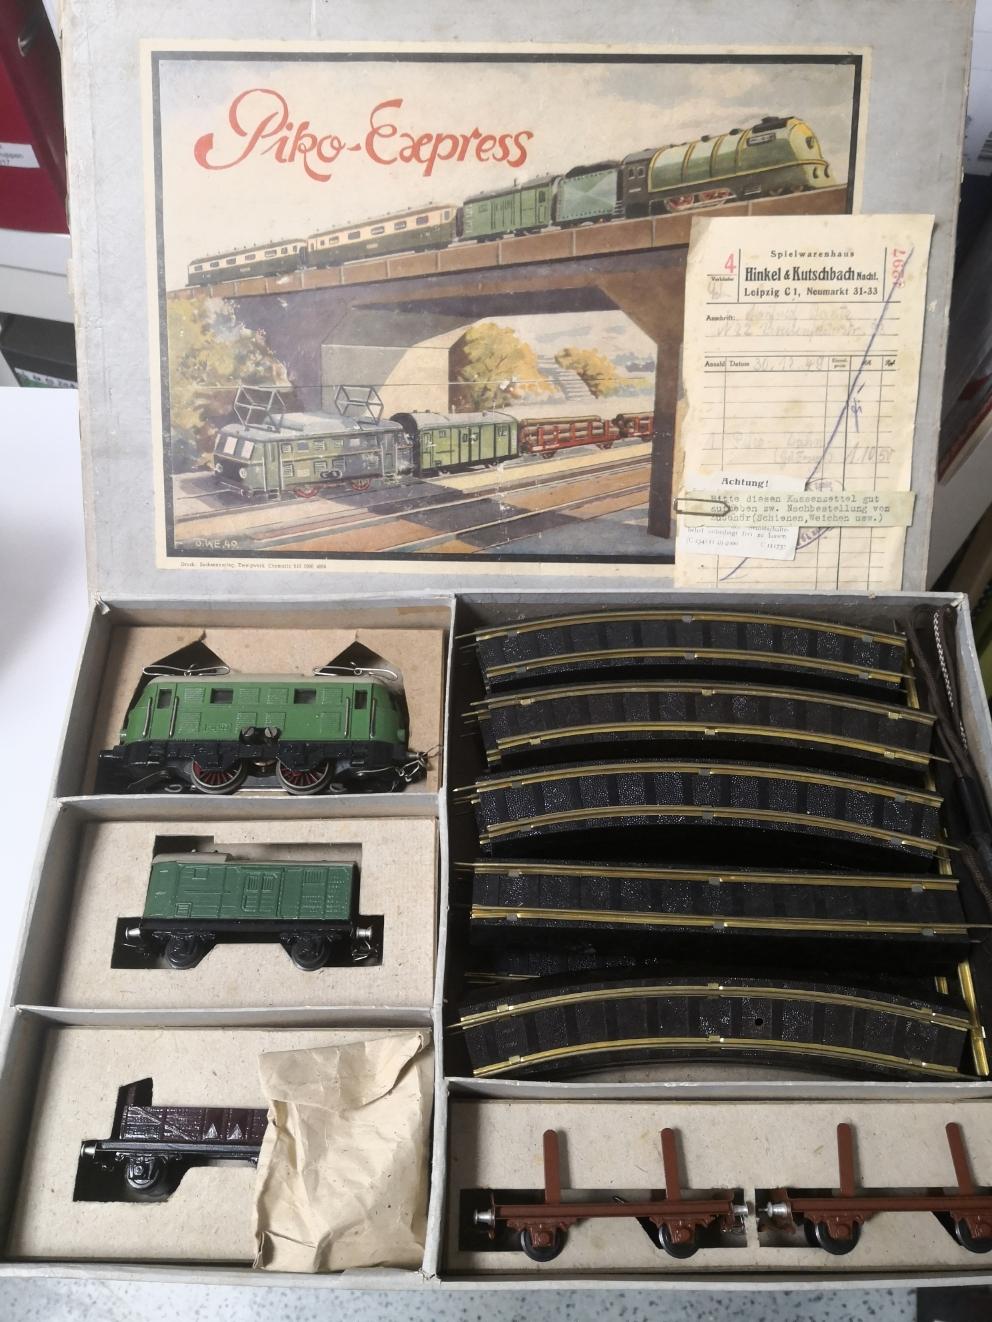 PIKO Express Packung, Lok defekt, originaler Kassenbeleg von 1949... 399€